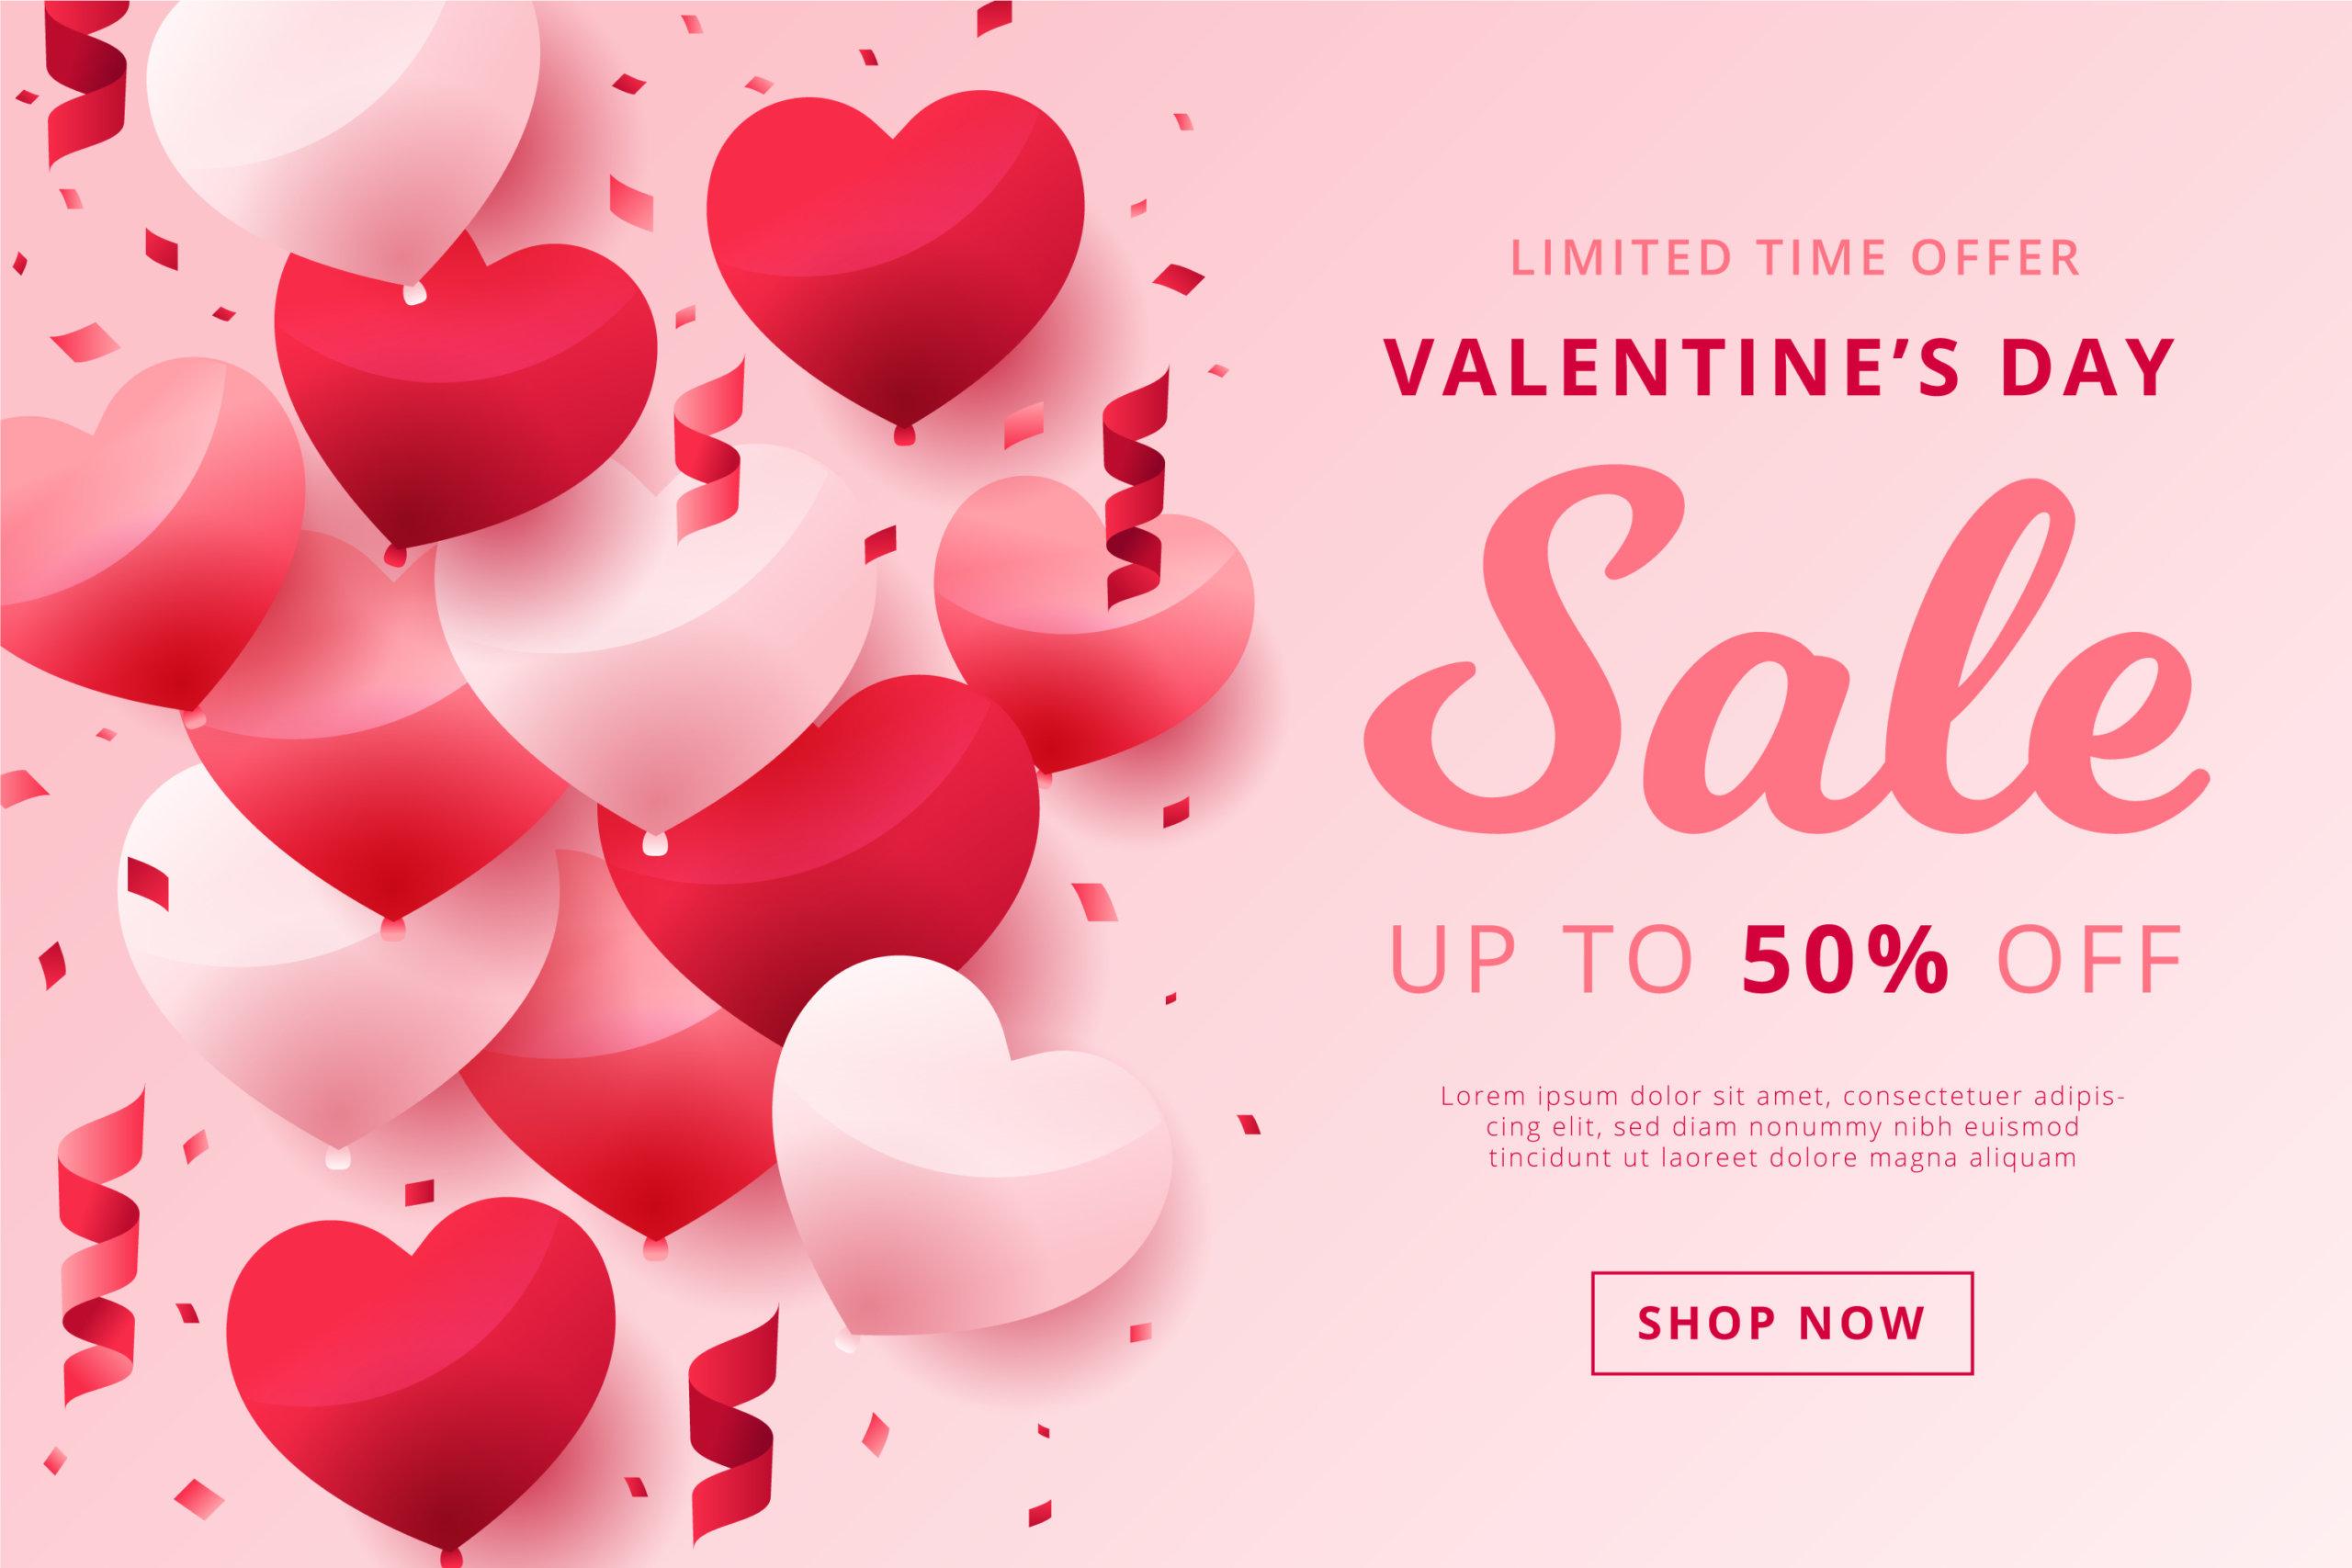 16款七夕节情人节爱心心形公益慈善海报传单AI设计素材 Valentines Day Love Promotion Poster插图2